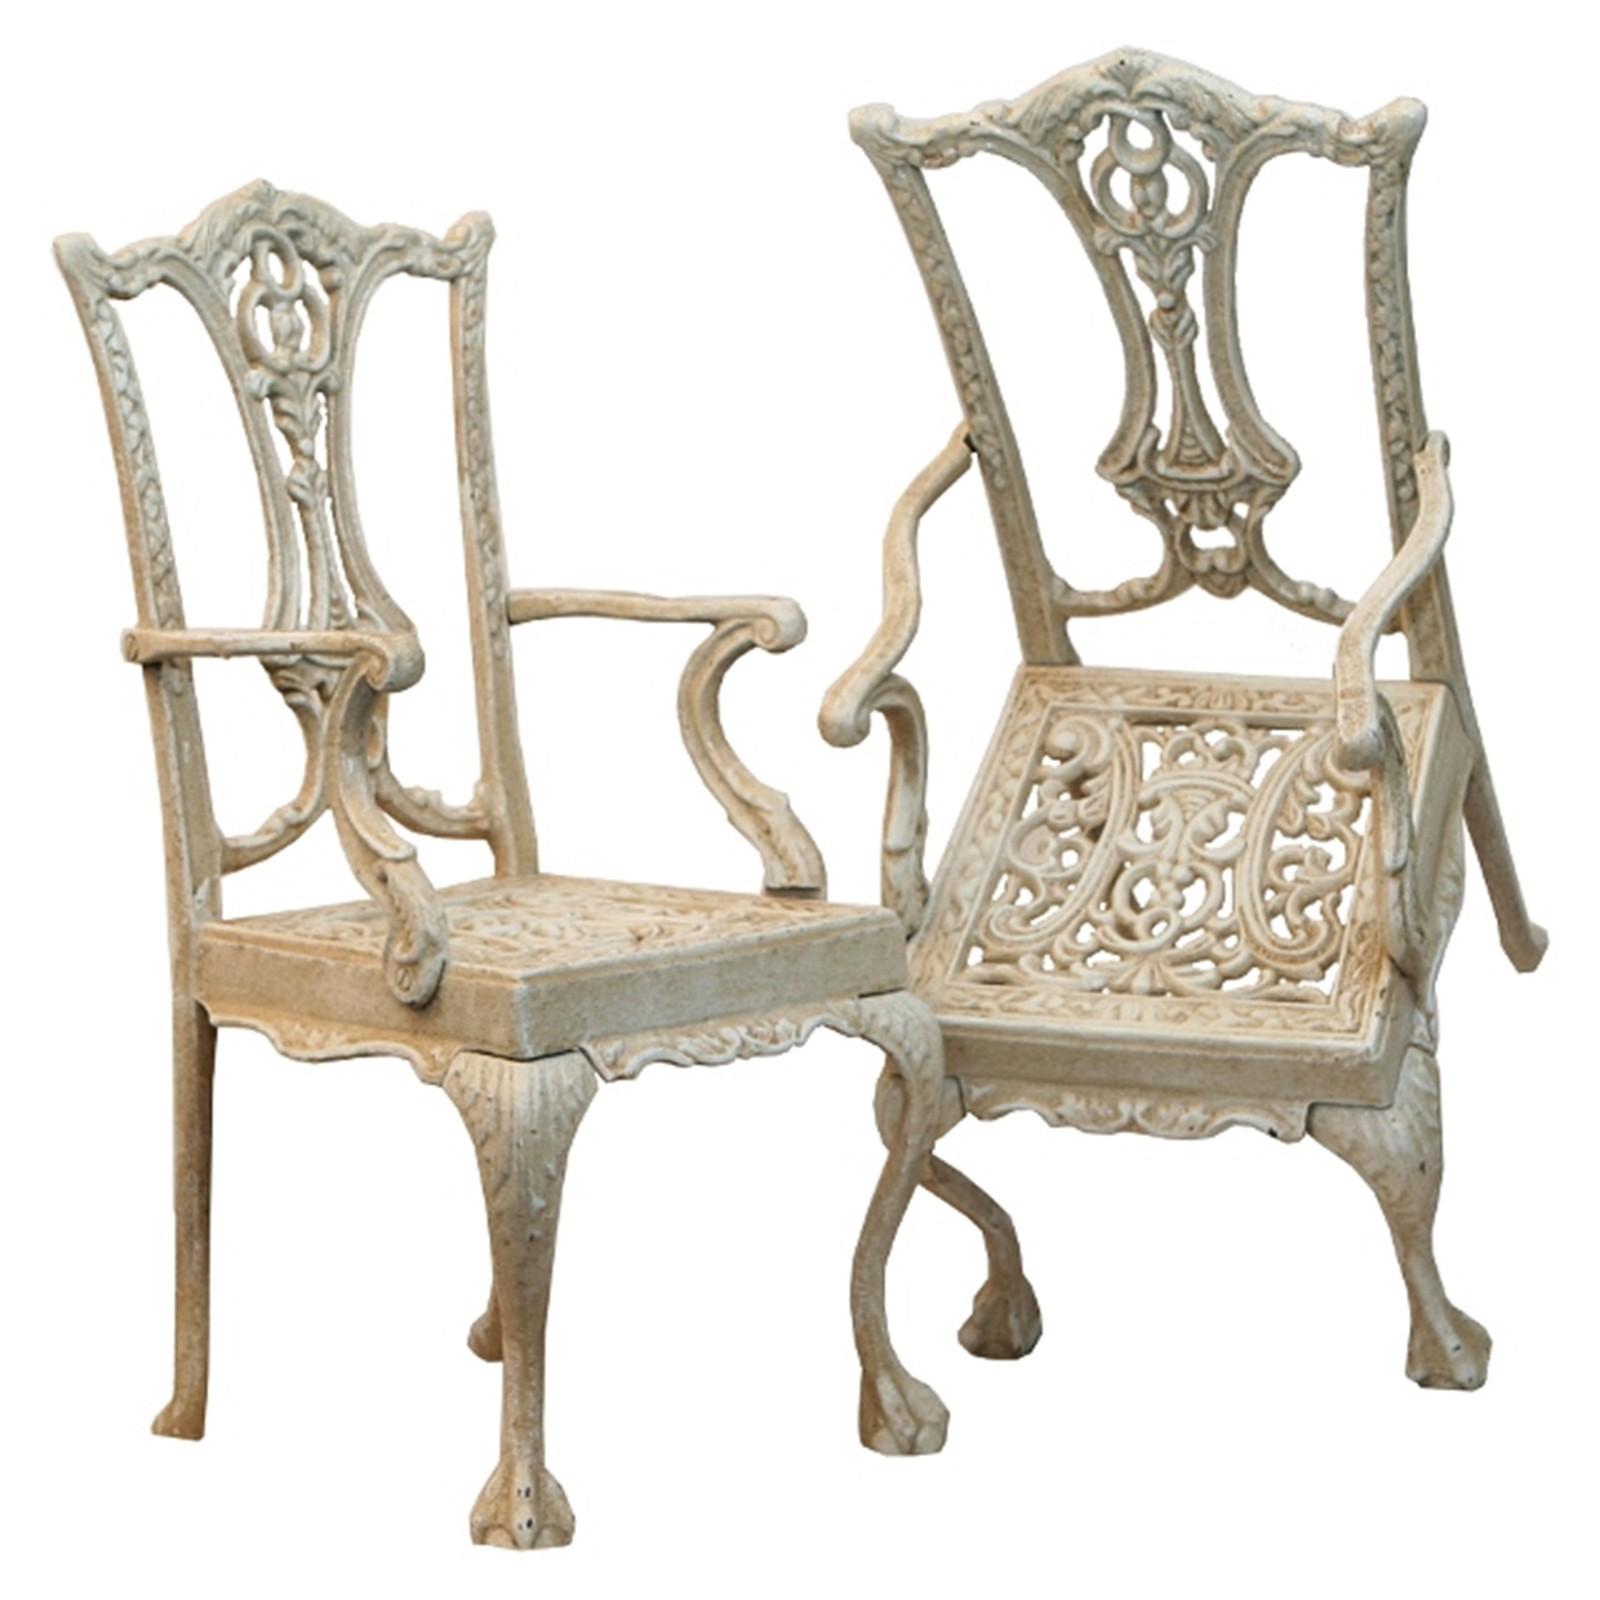 Fesselnde Wintergarten Deko Dekoration Von Garten Dekoration Metallstuhl Weiß Antik Stuhl Antikweiß